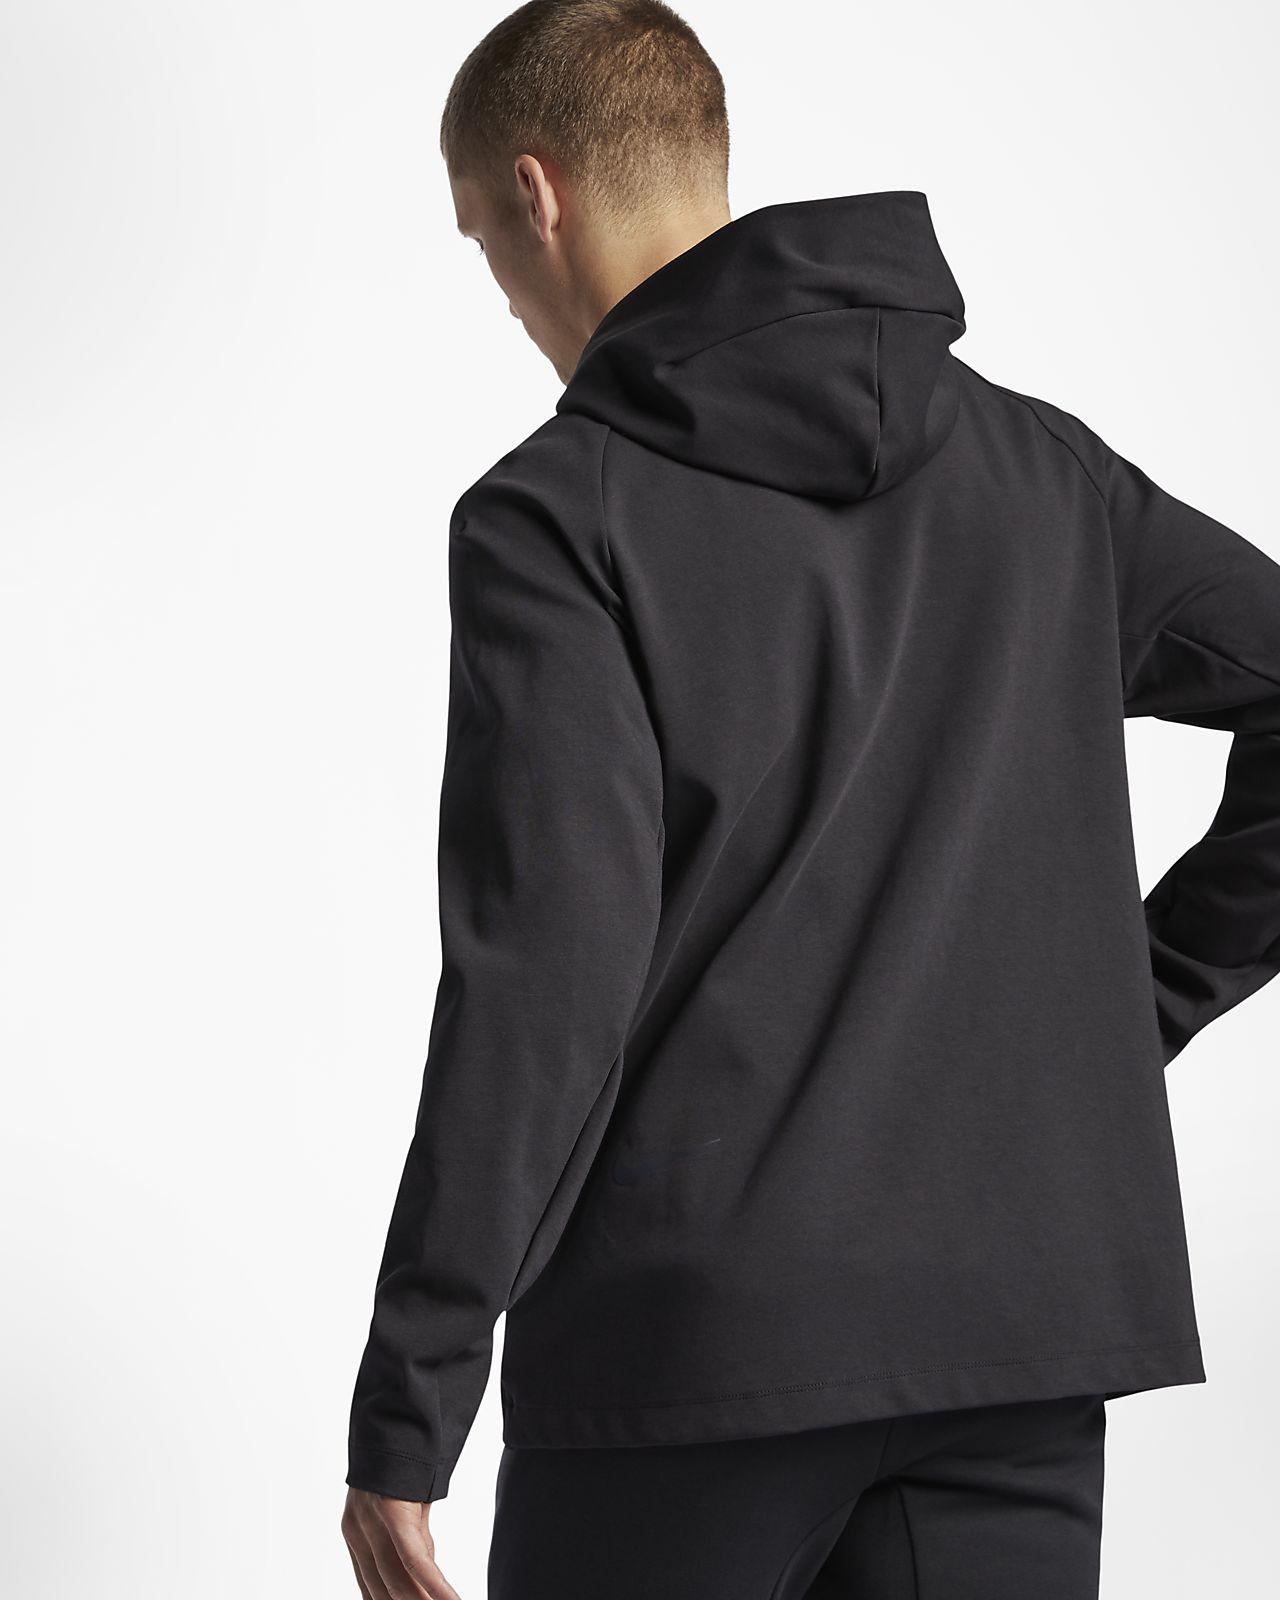 sweatshirt homme sportswear tech pack nike